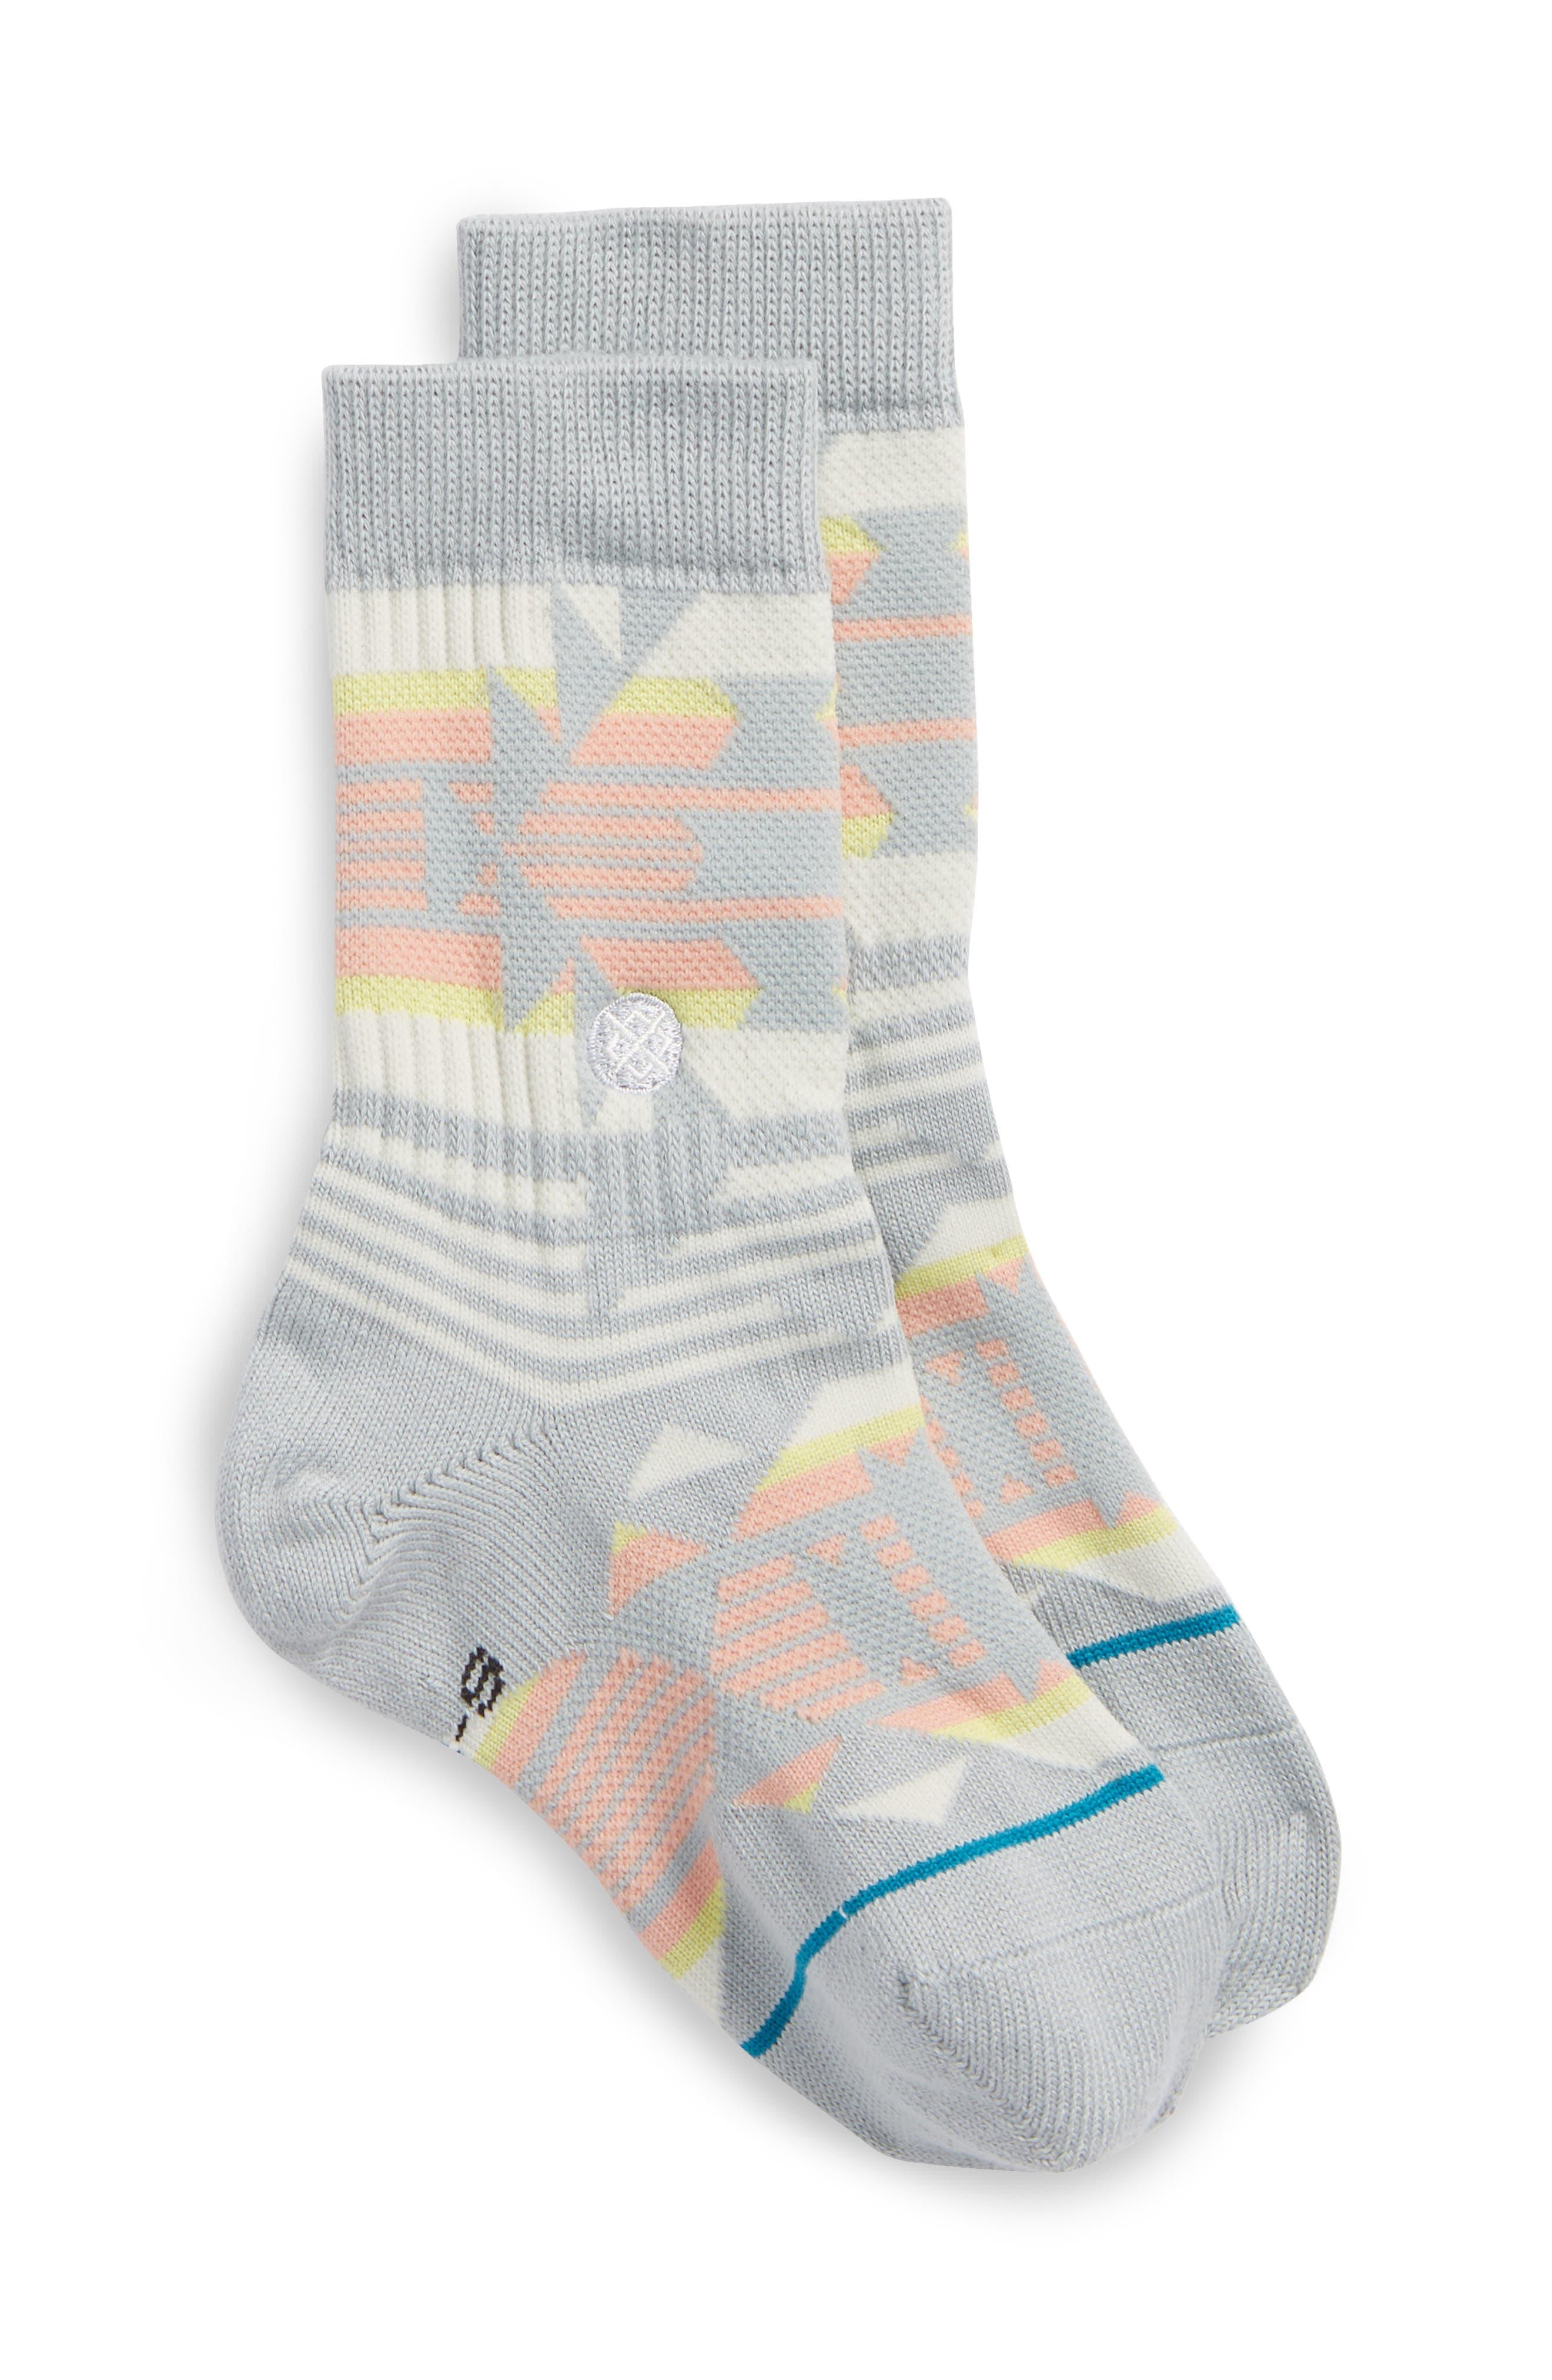 Fibbo Socks,                             Main thumbnail 1, color,                             020